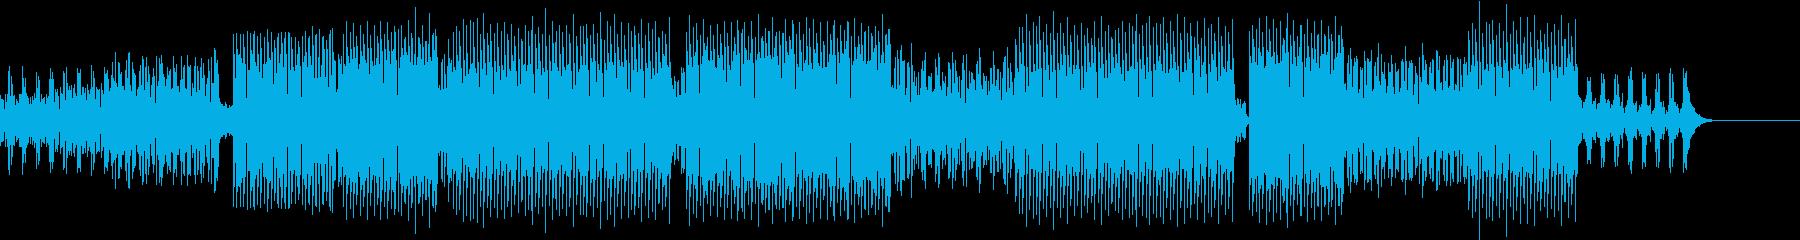 おしゃれなピアノ、ダンスBGMの再生済みの波形